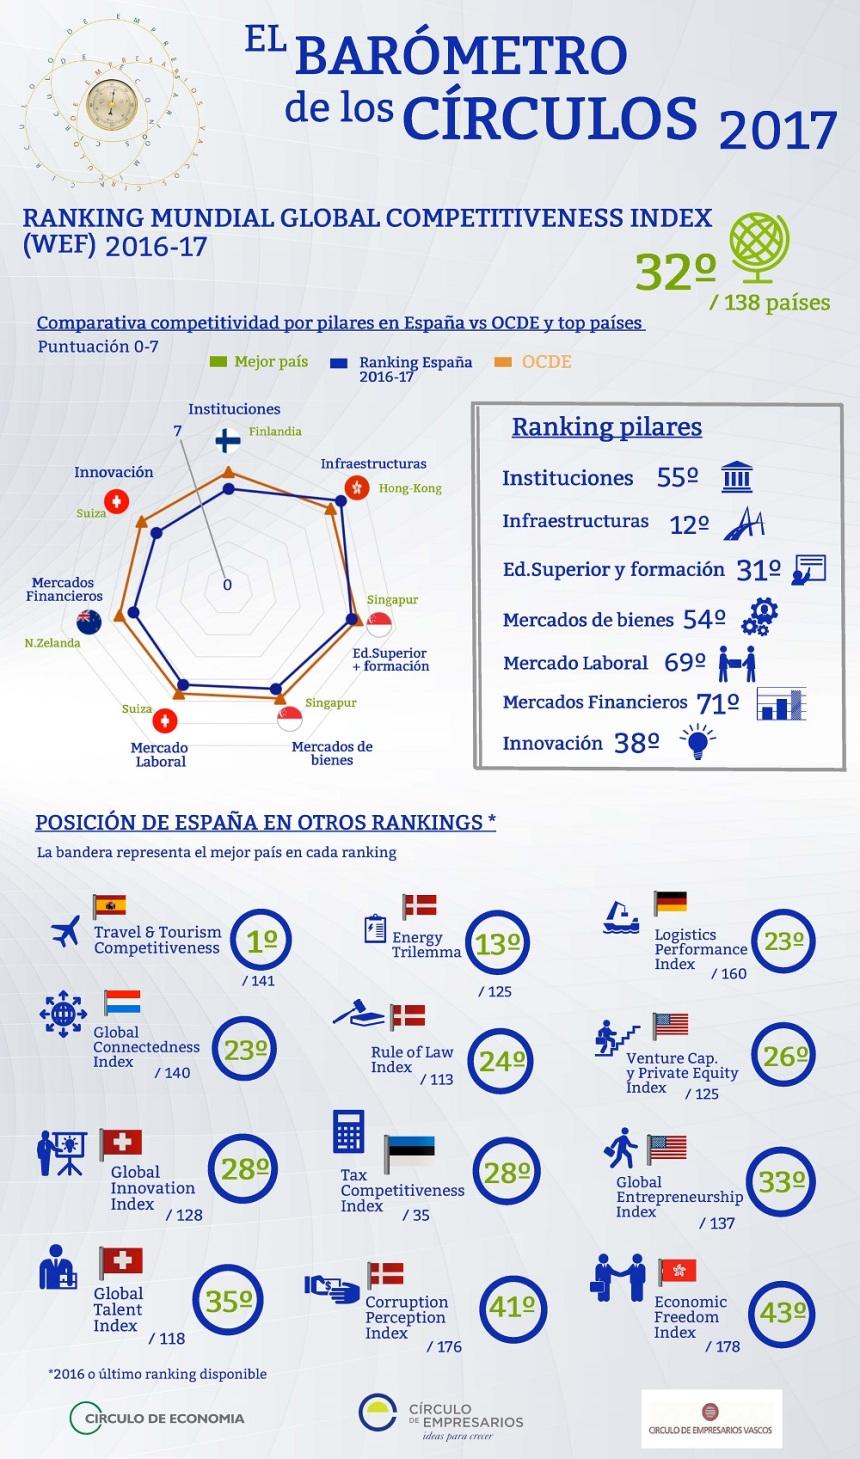 Ranking de España en competitividad (otros rankings)